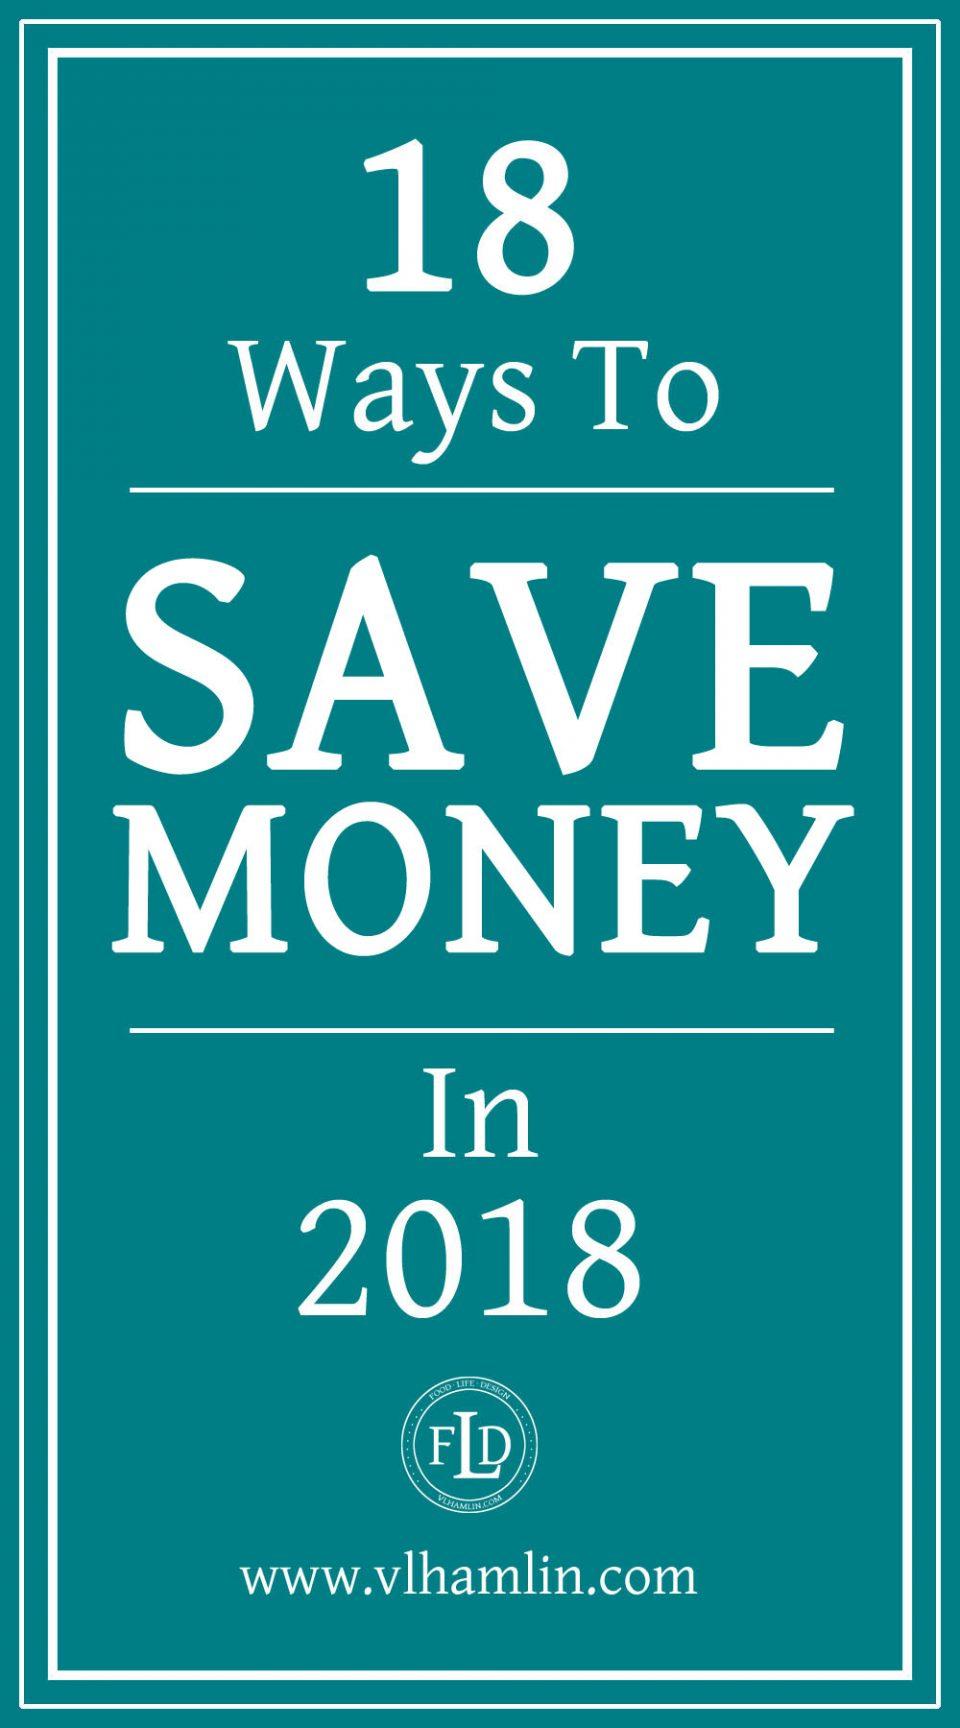 18 Ways to Save Money Online in 2018